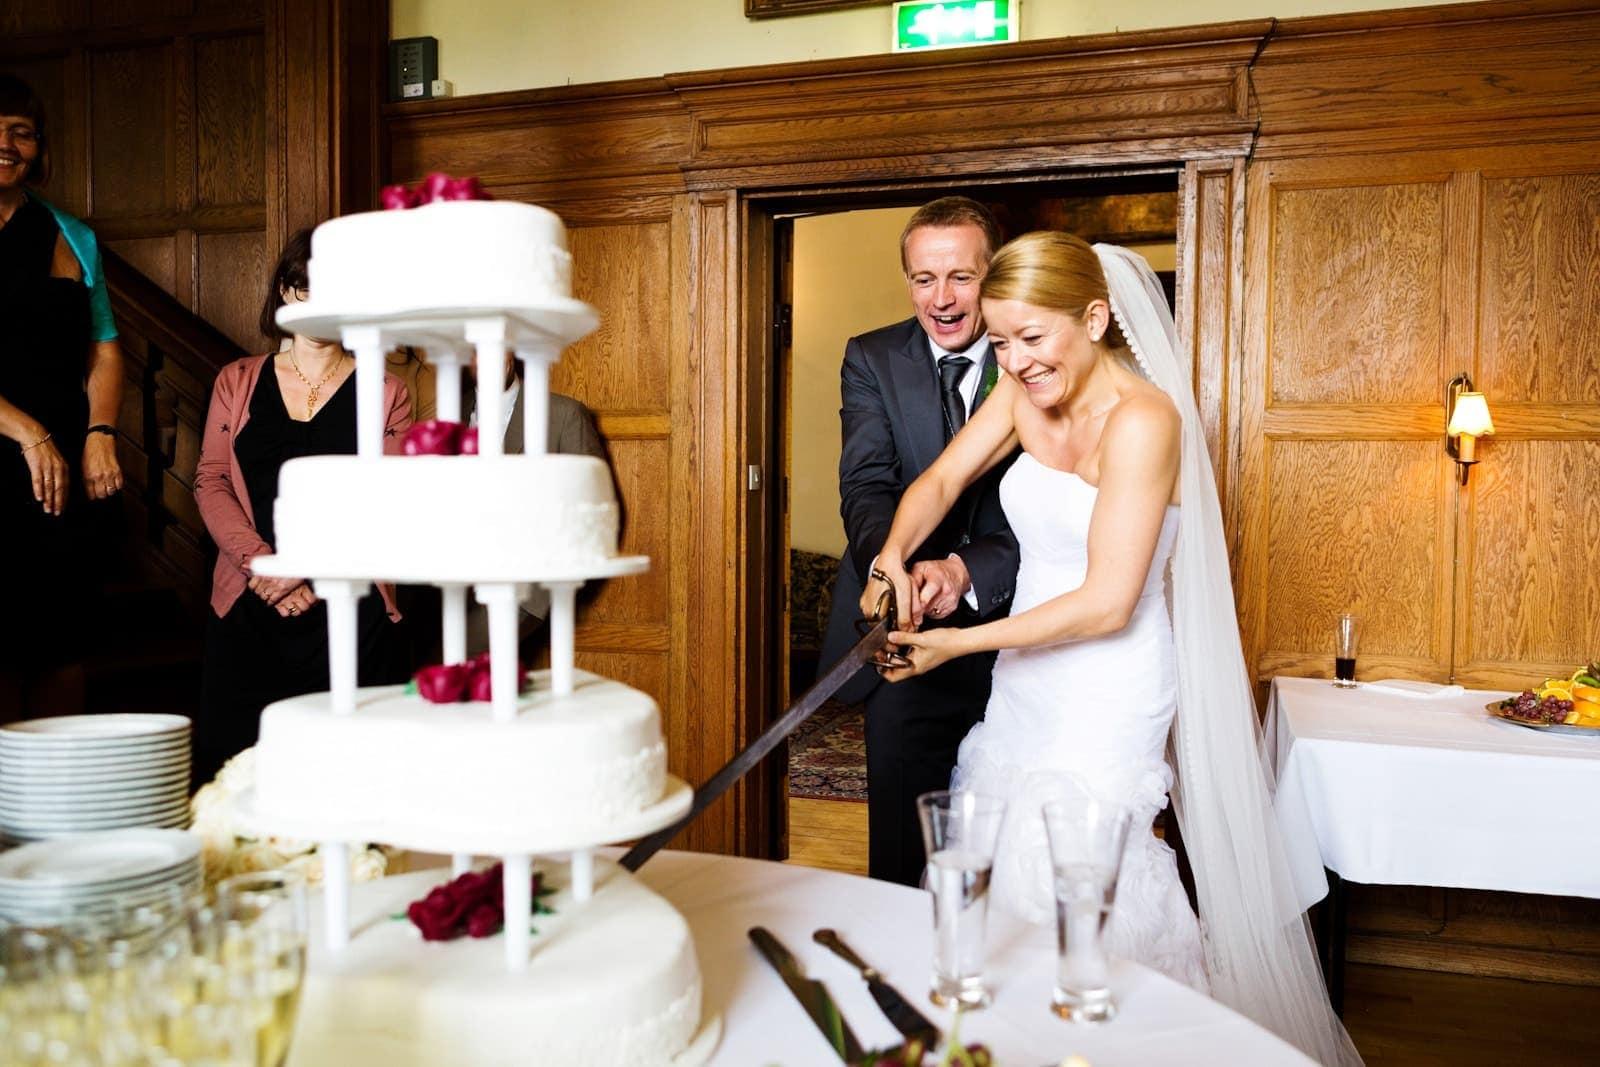 Udskæring af bryllupskagen